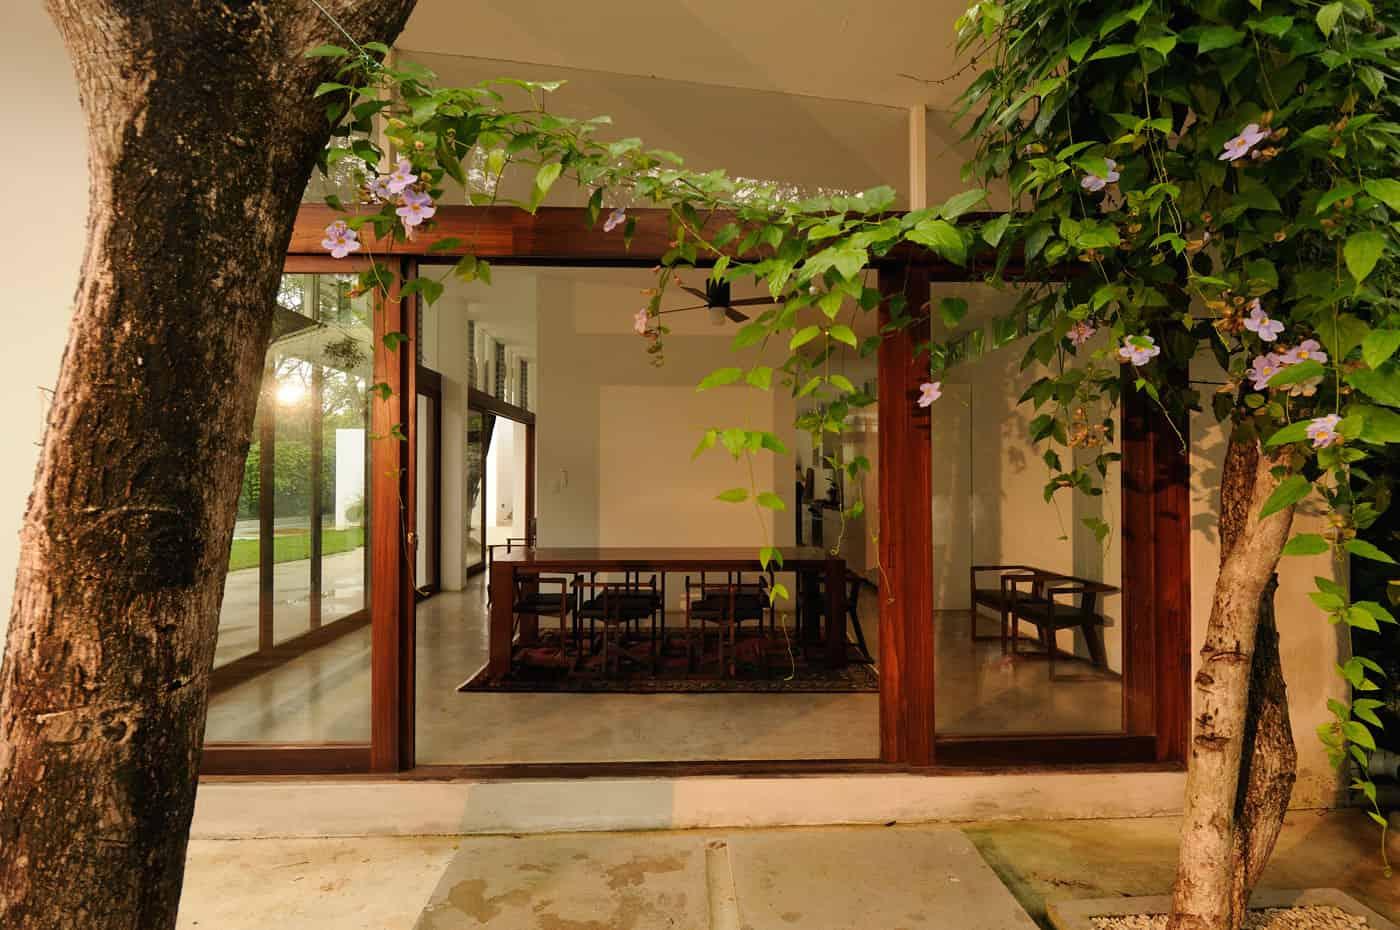 House S by Datumzero Design (18)